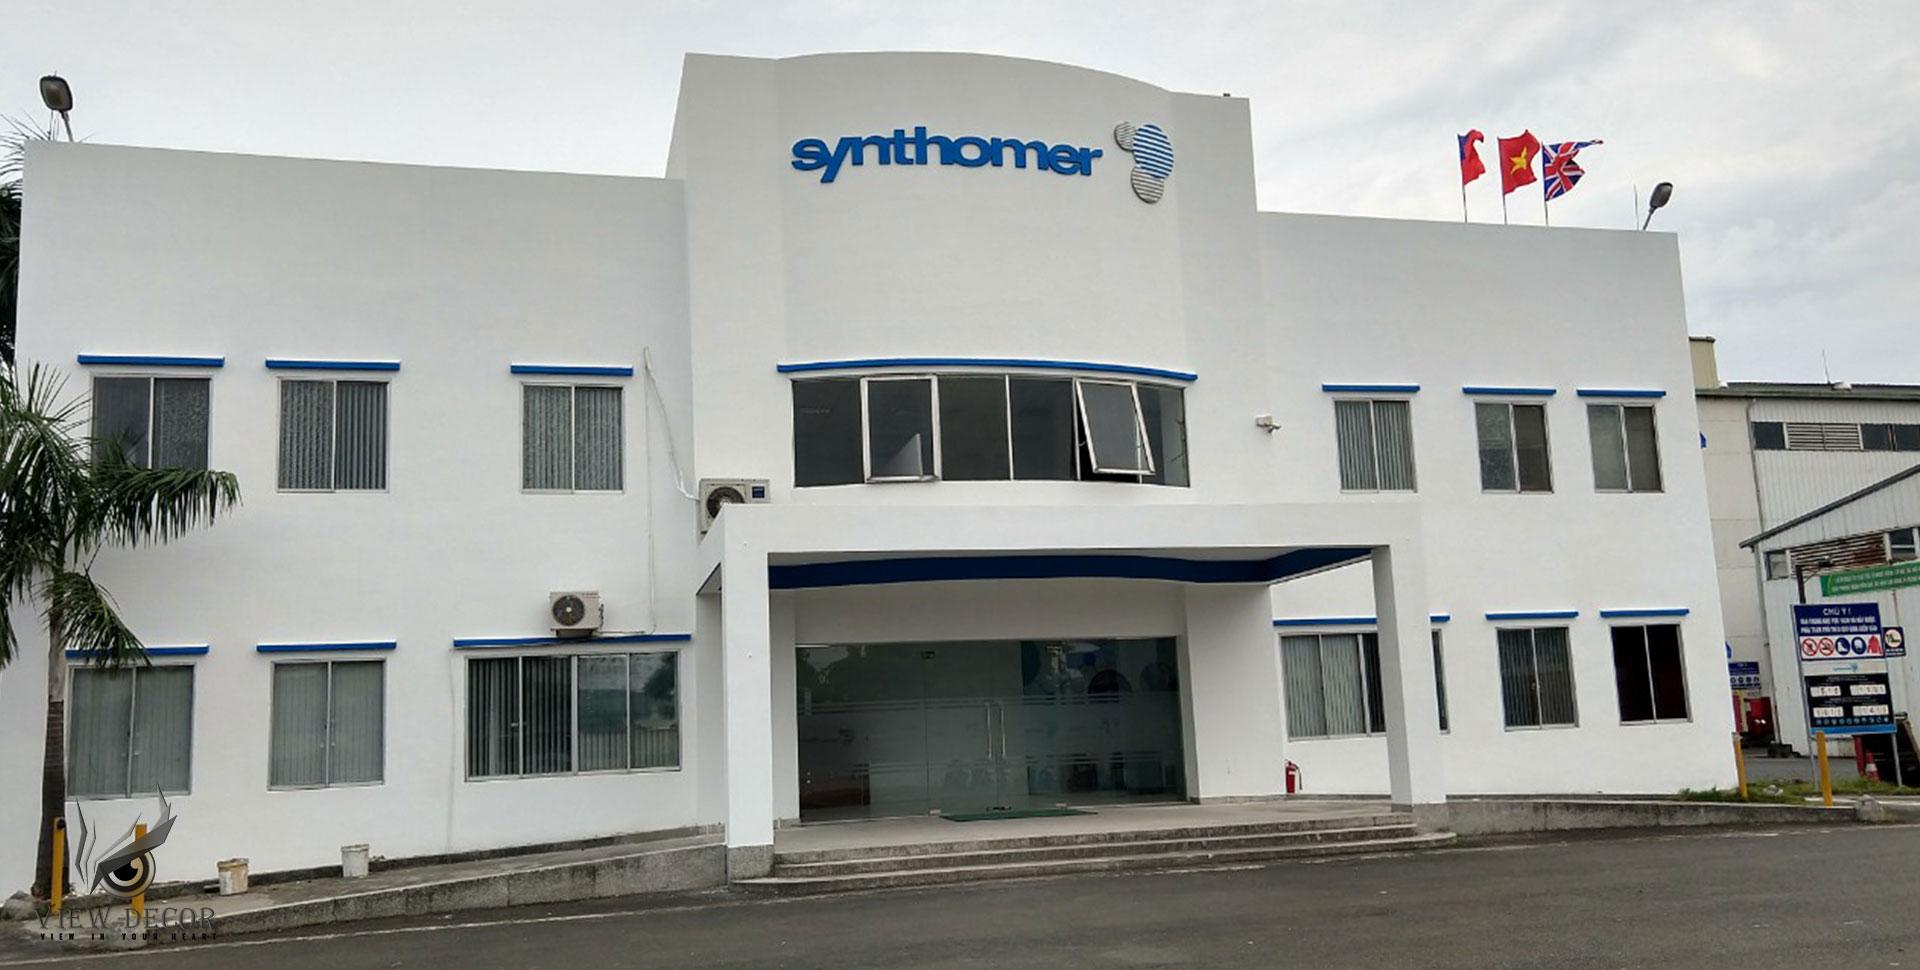 Thi Công Văn Phòng Công Ty SYNTHOMER VIỆT NAM